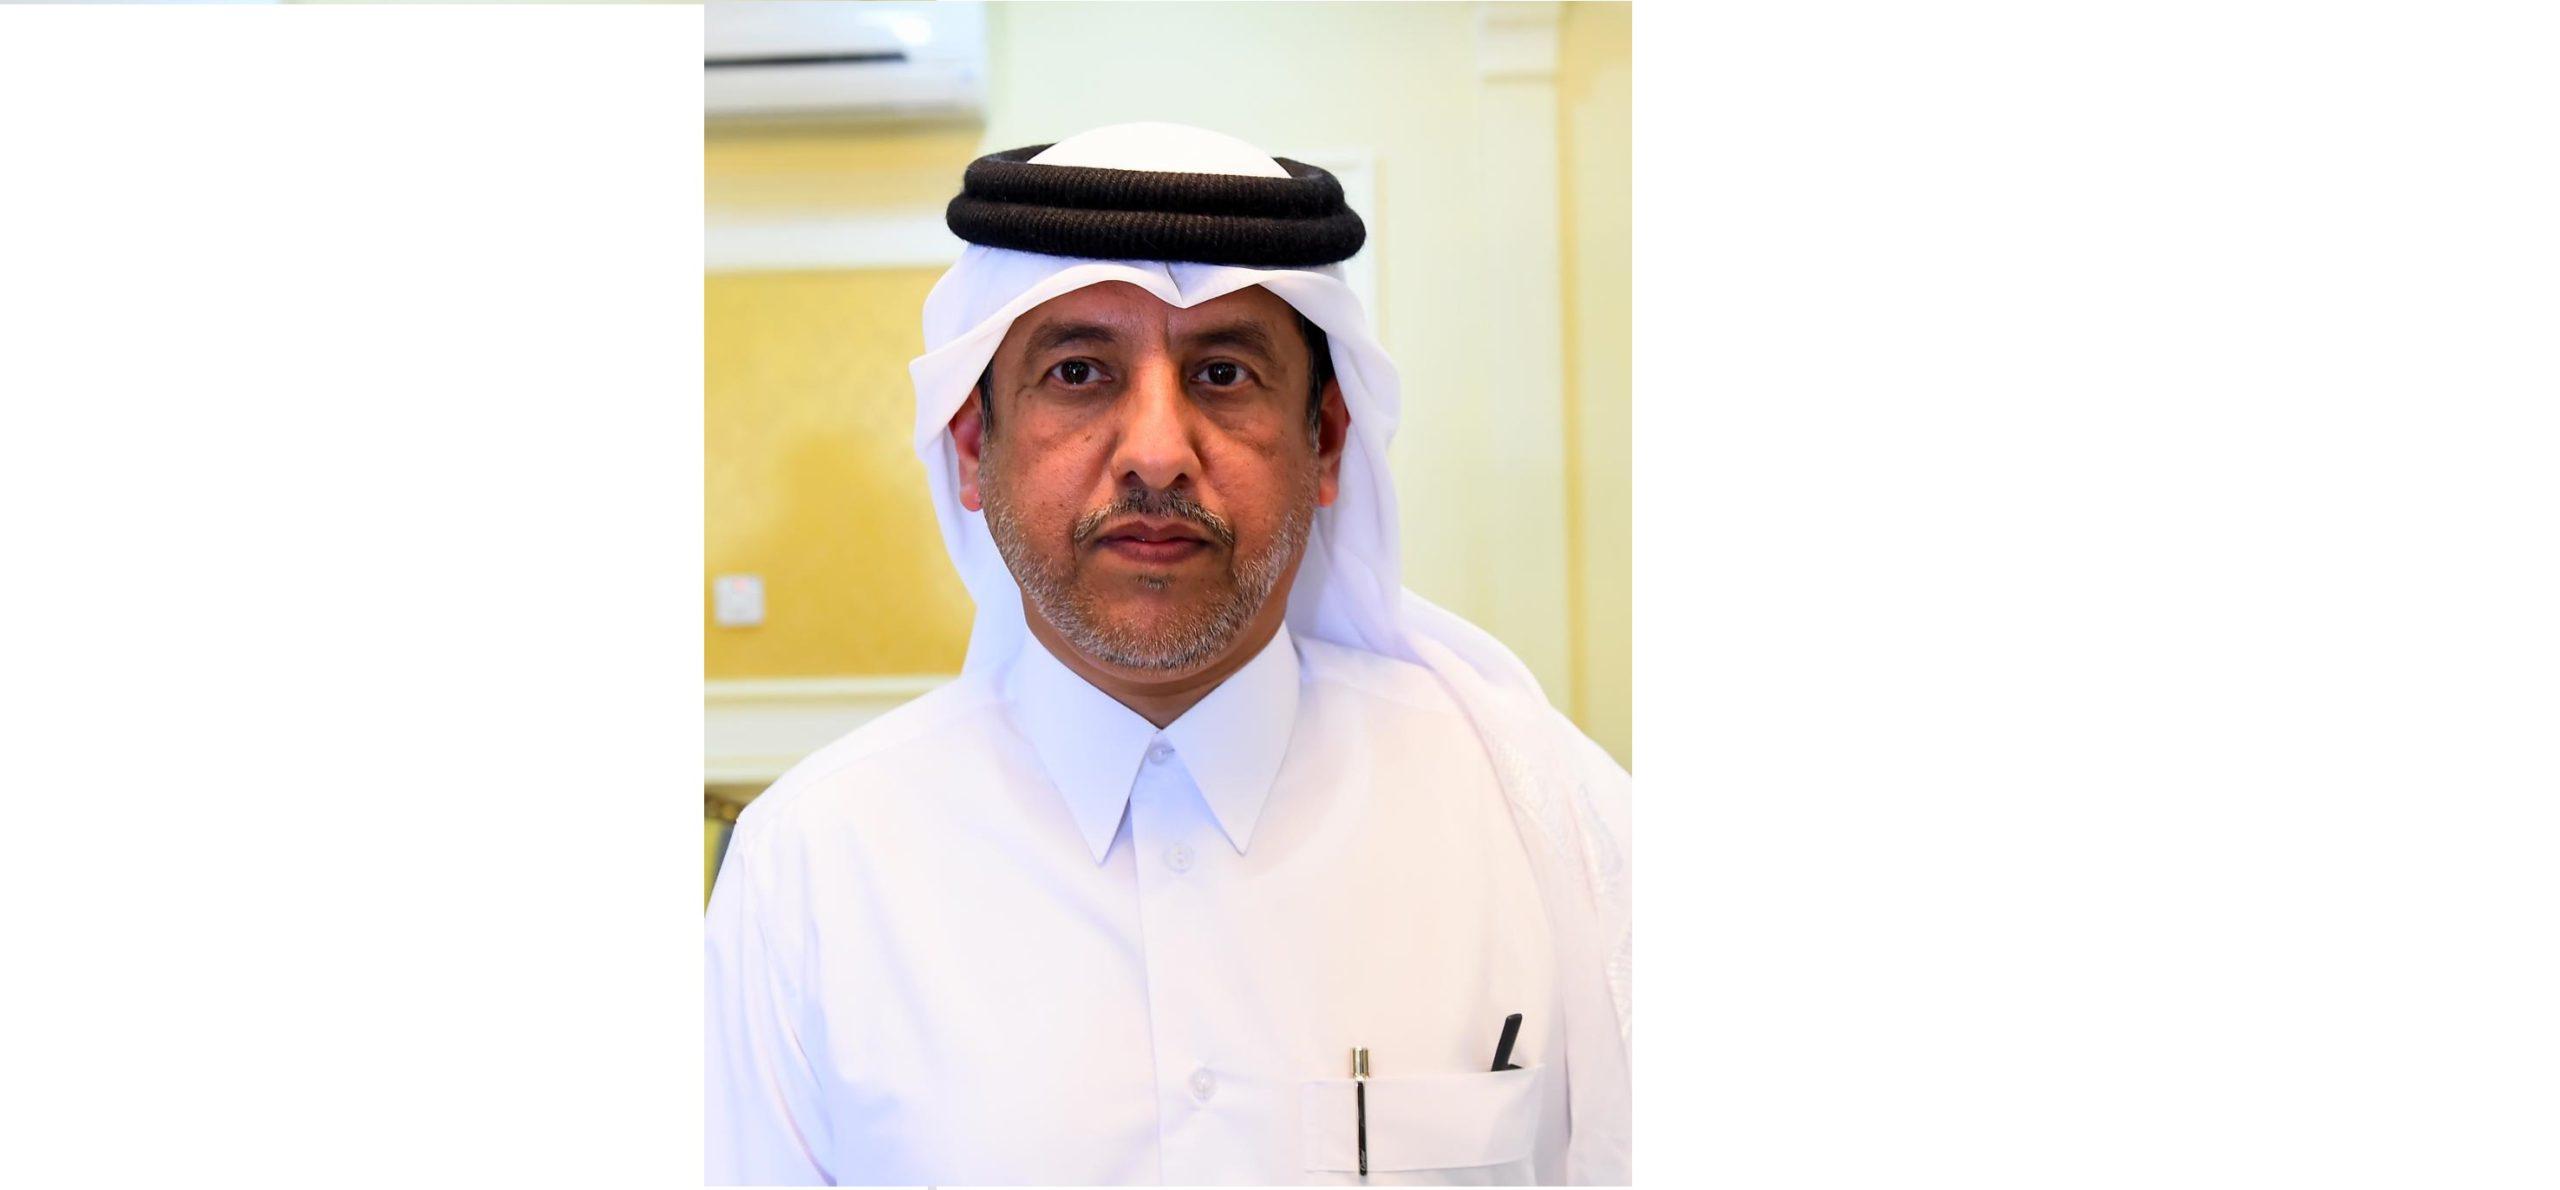 مبارك النعيمي: المهرجان ناجح بامتياز.. ويصعب التكهن بمن سيفوز بالسيفين